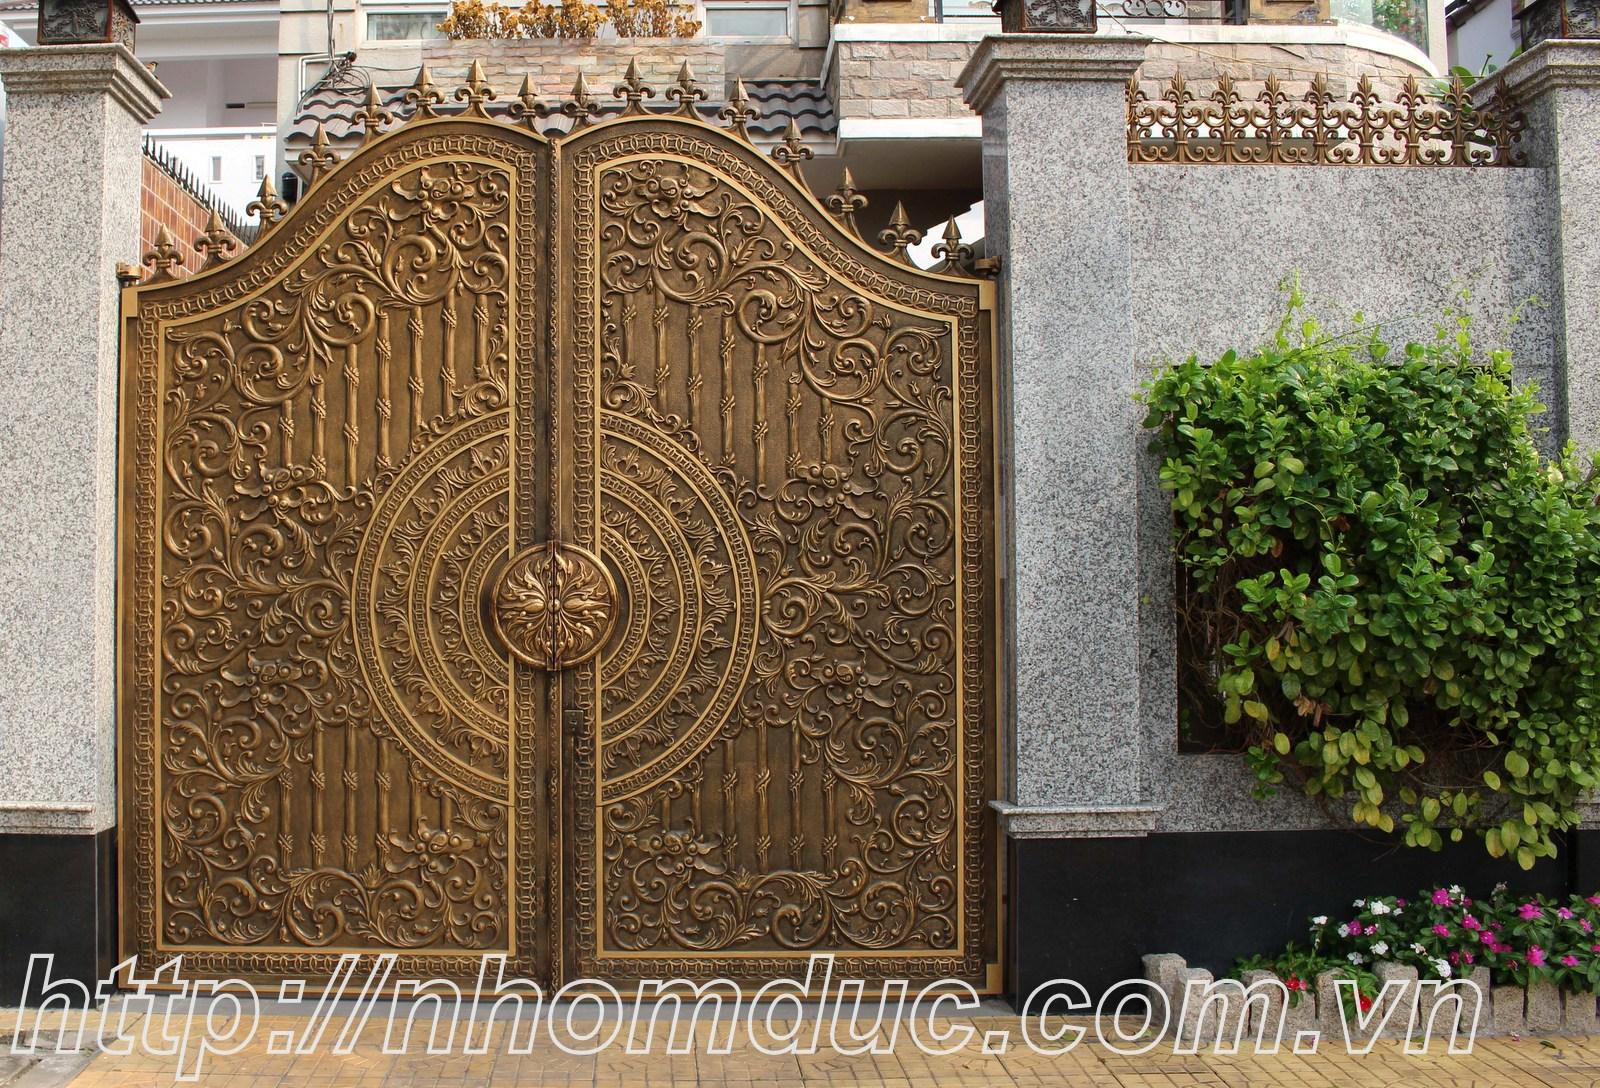 Thiết kế cổng nhôm đúc hợp kim nhôm theo yêu cầu với họa tiết hoa văn đẹp